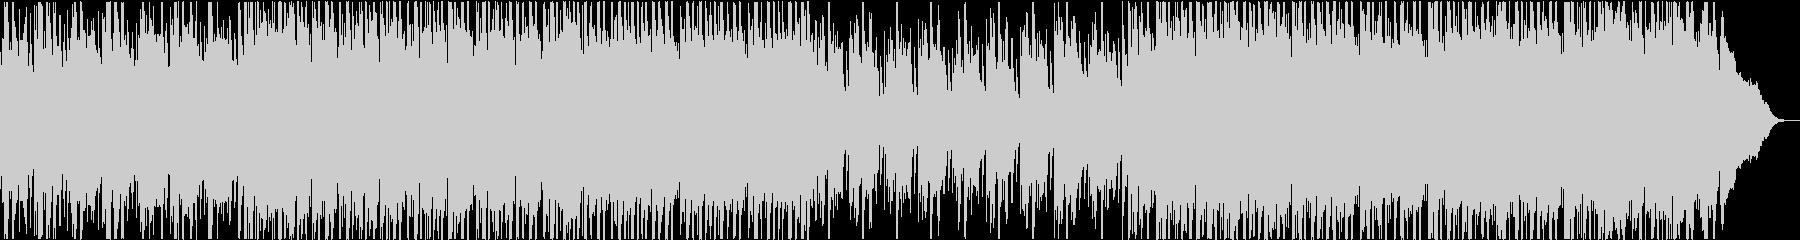 さわやなアコギのトロピカルハウスの未再生の波形